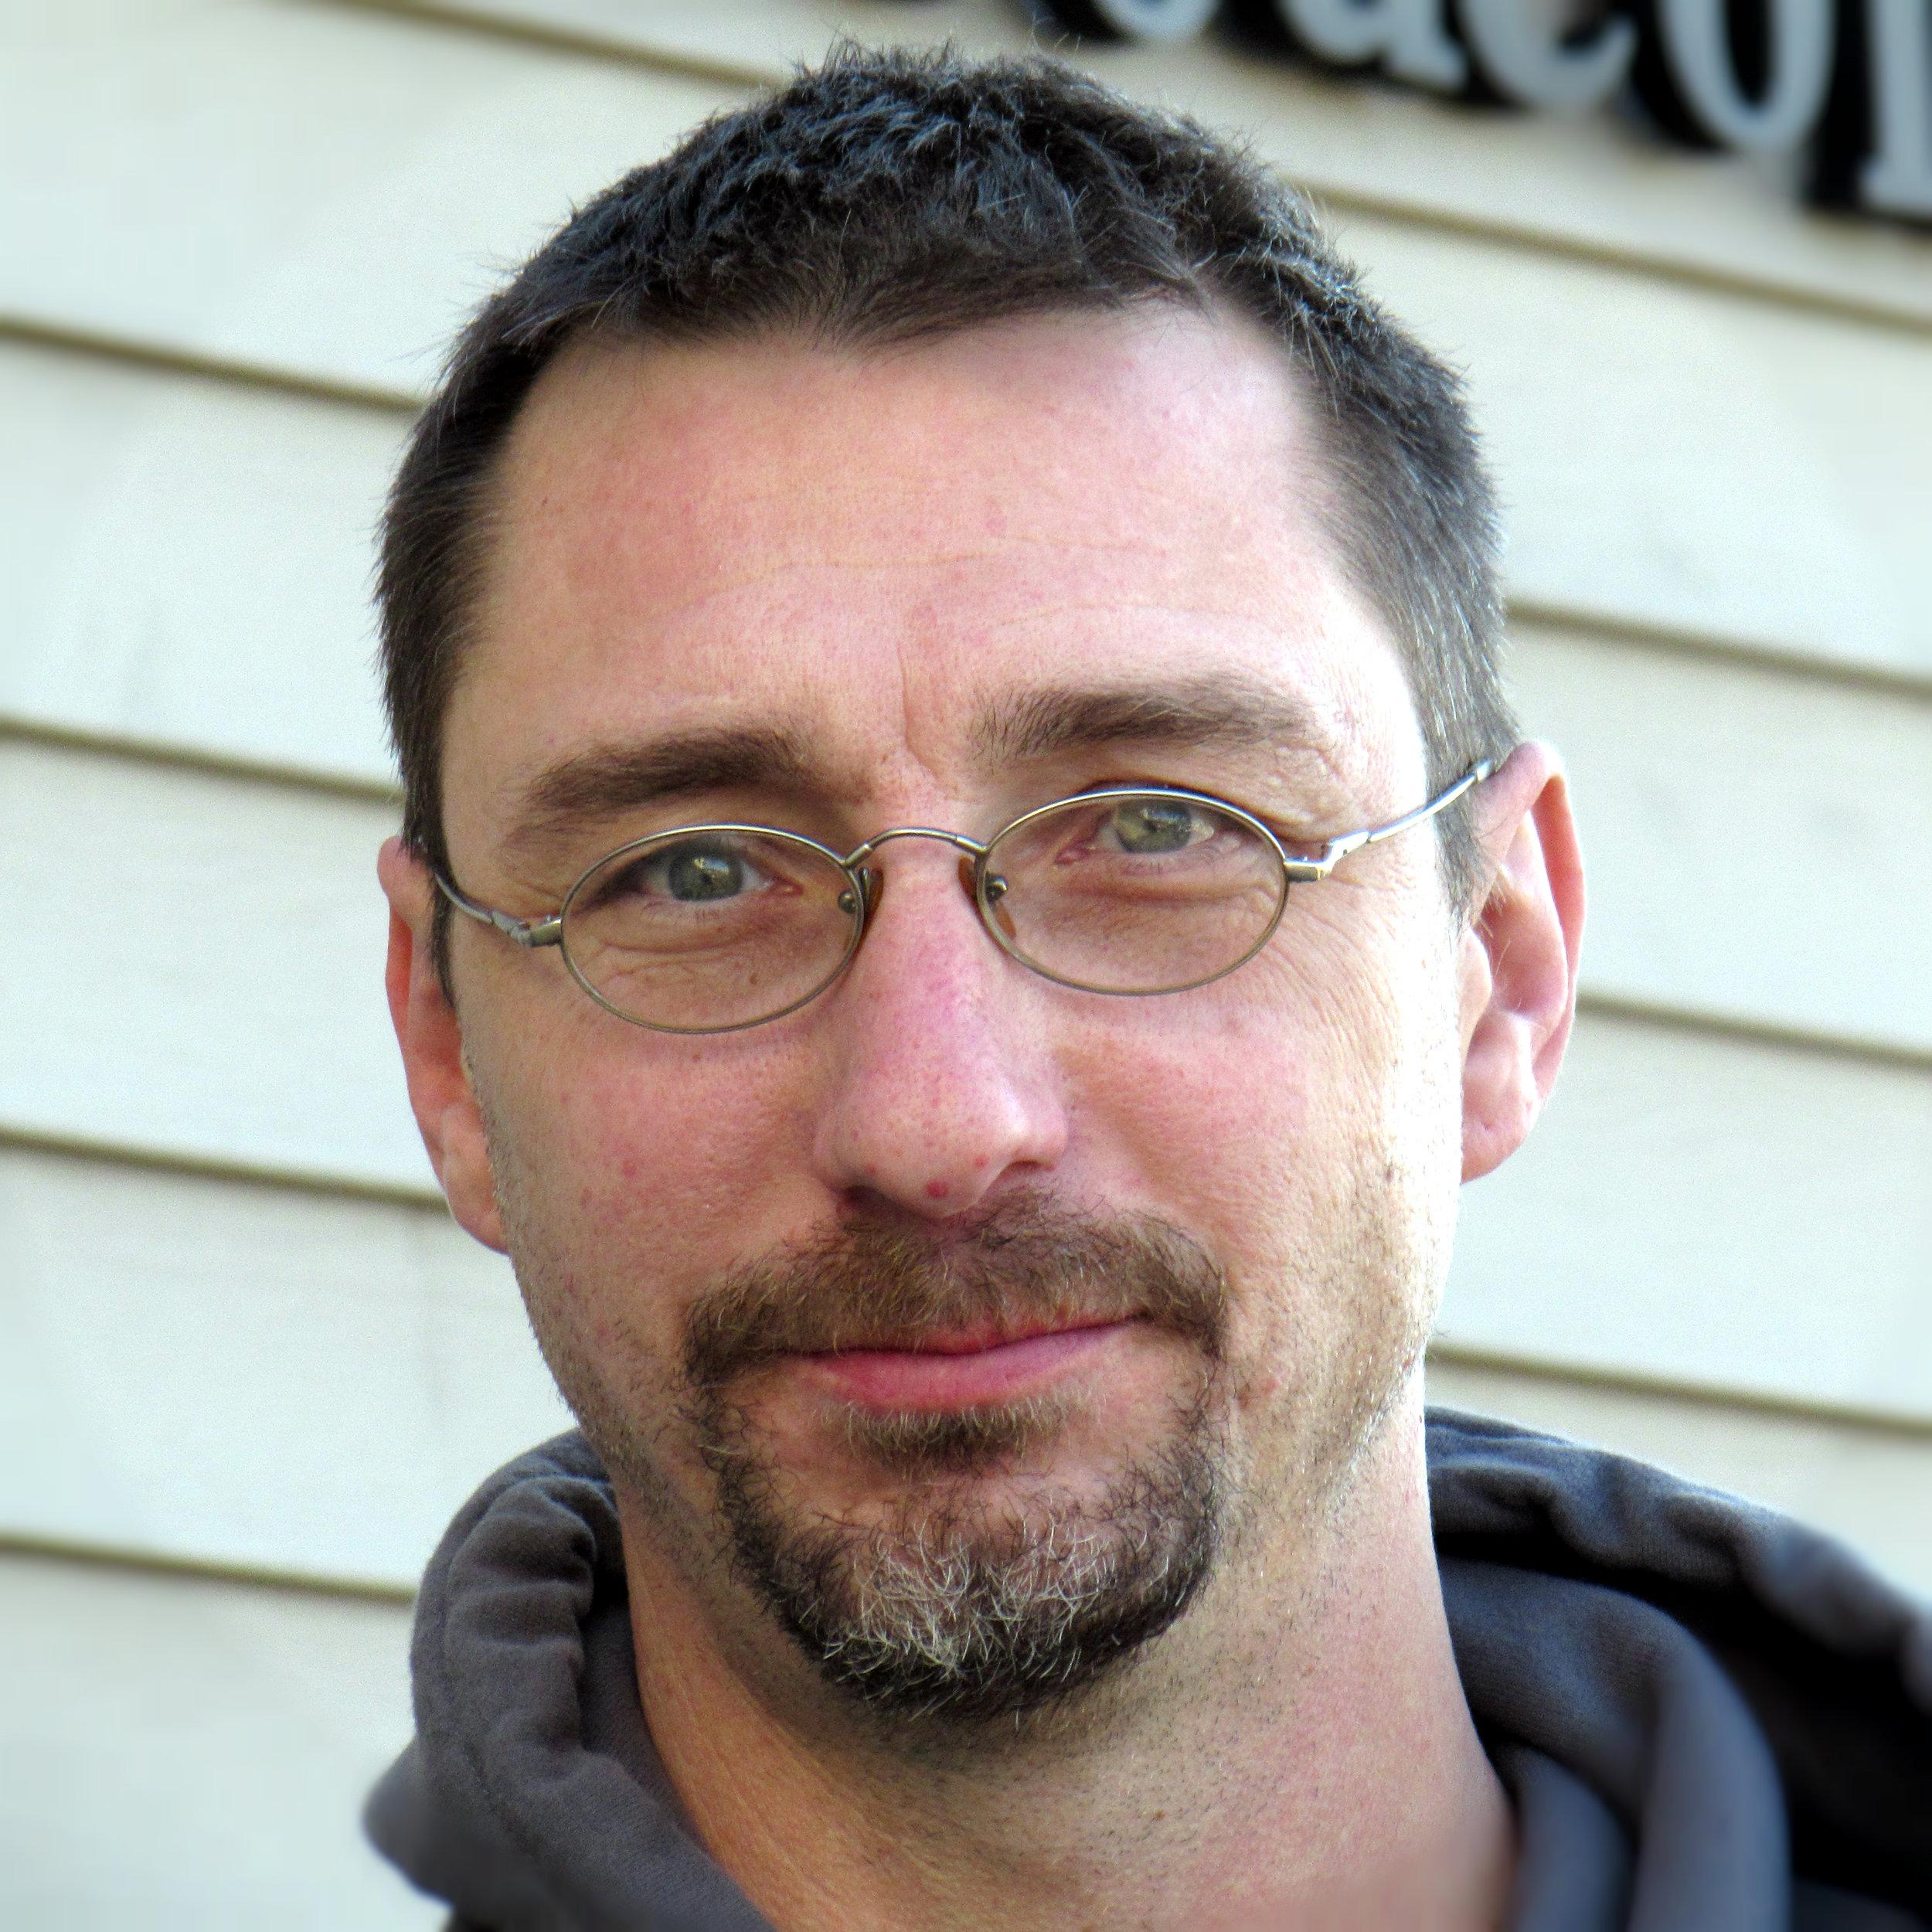 Jason Leiphart